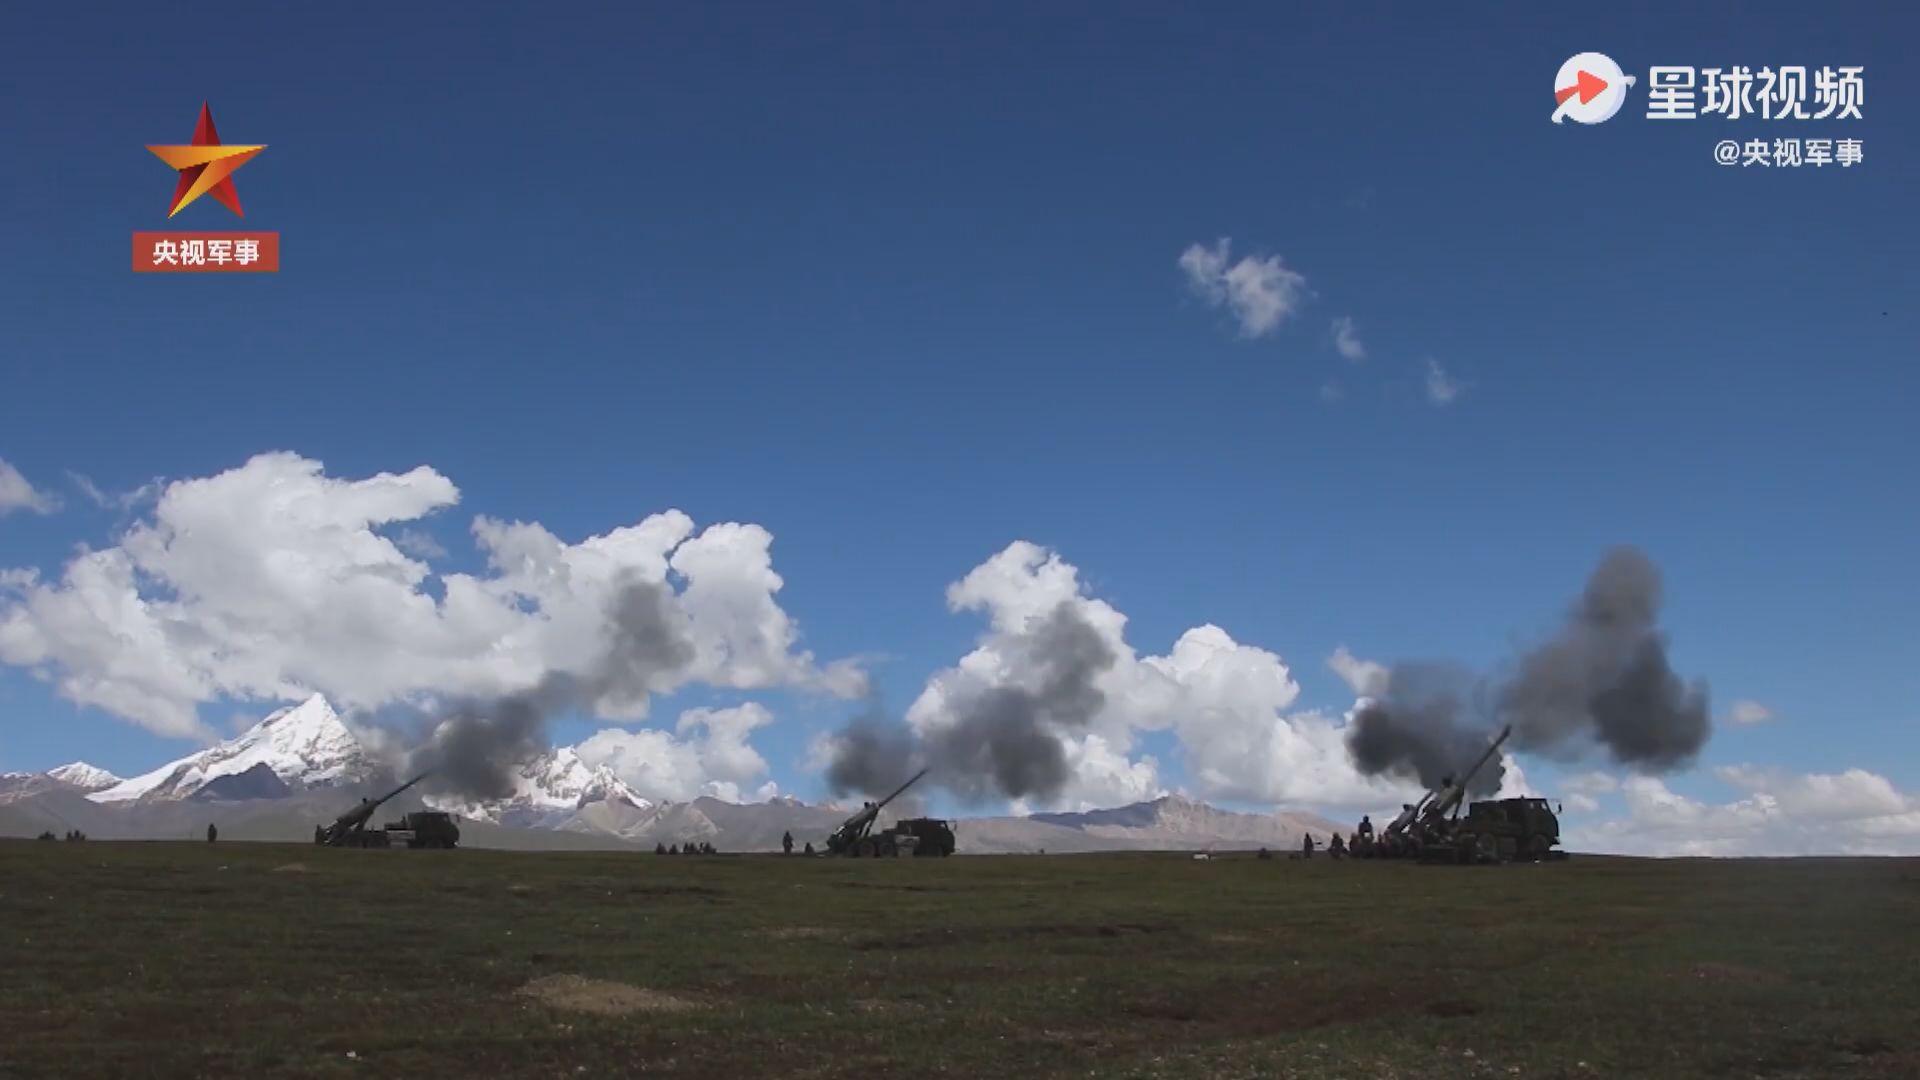 中印邊境局勢緊張 西藏軍區於高原展開實彈射擊演練